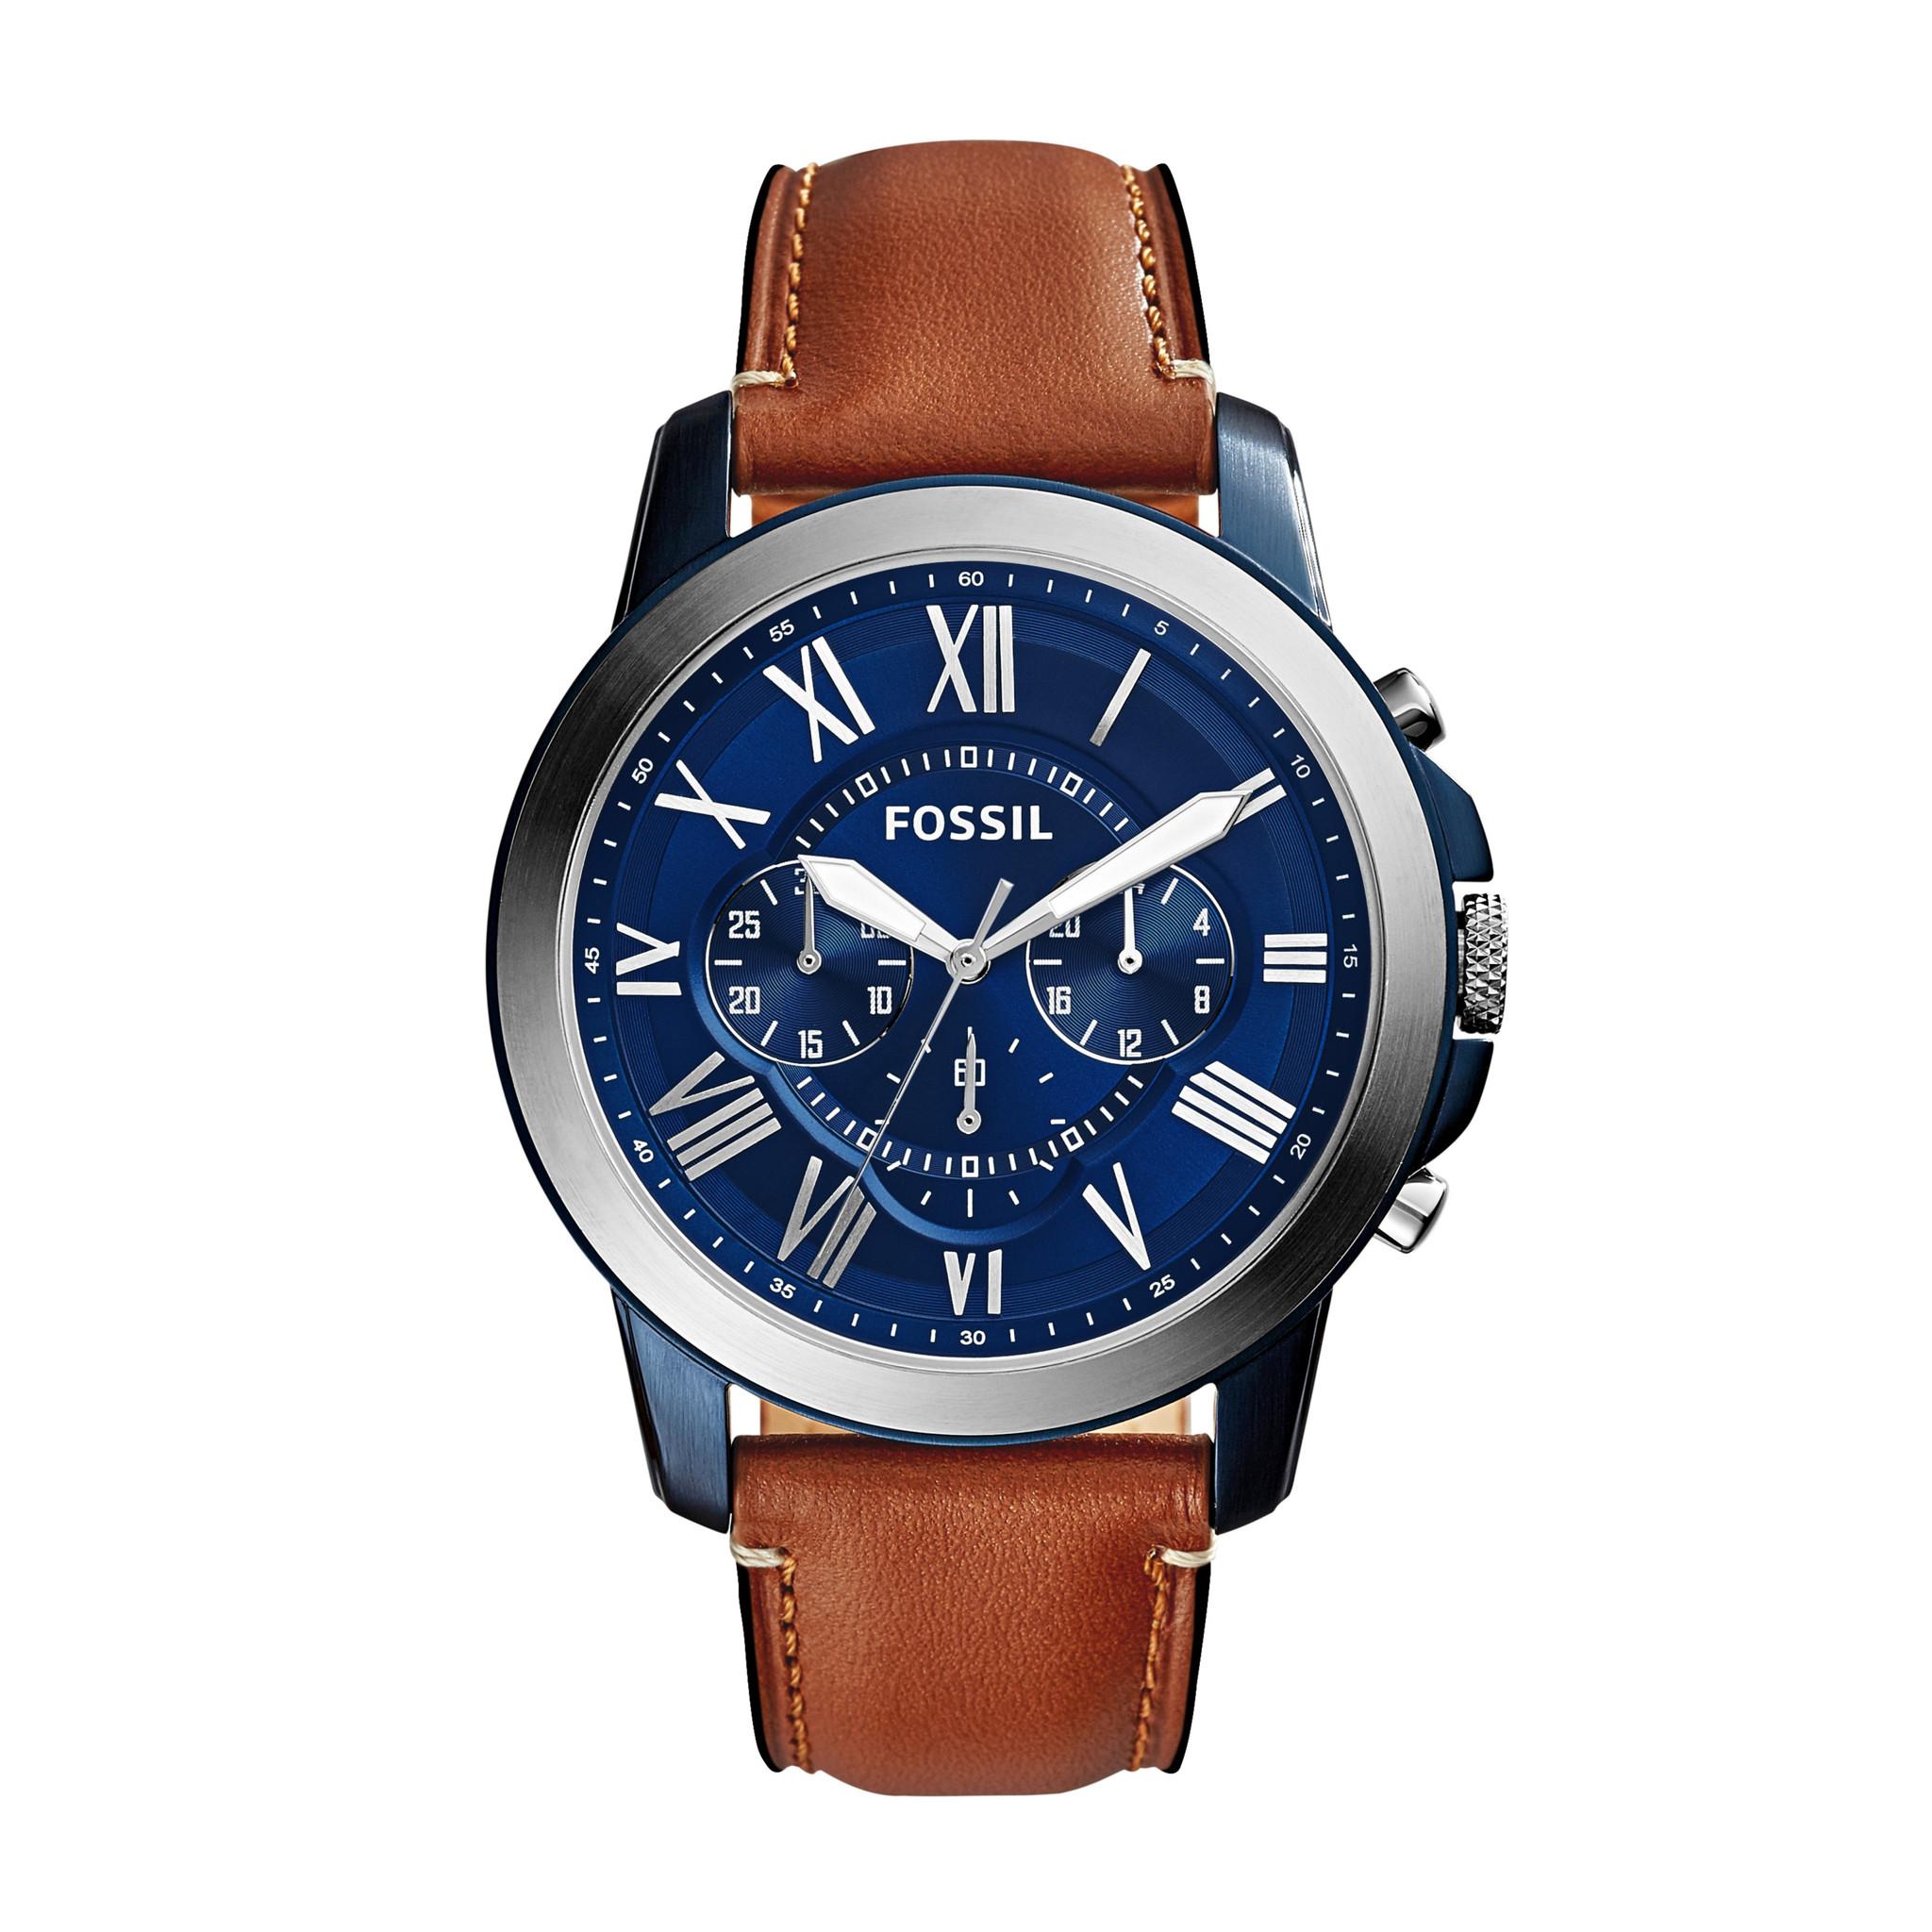 Grant Men's Watch FS5151-3